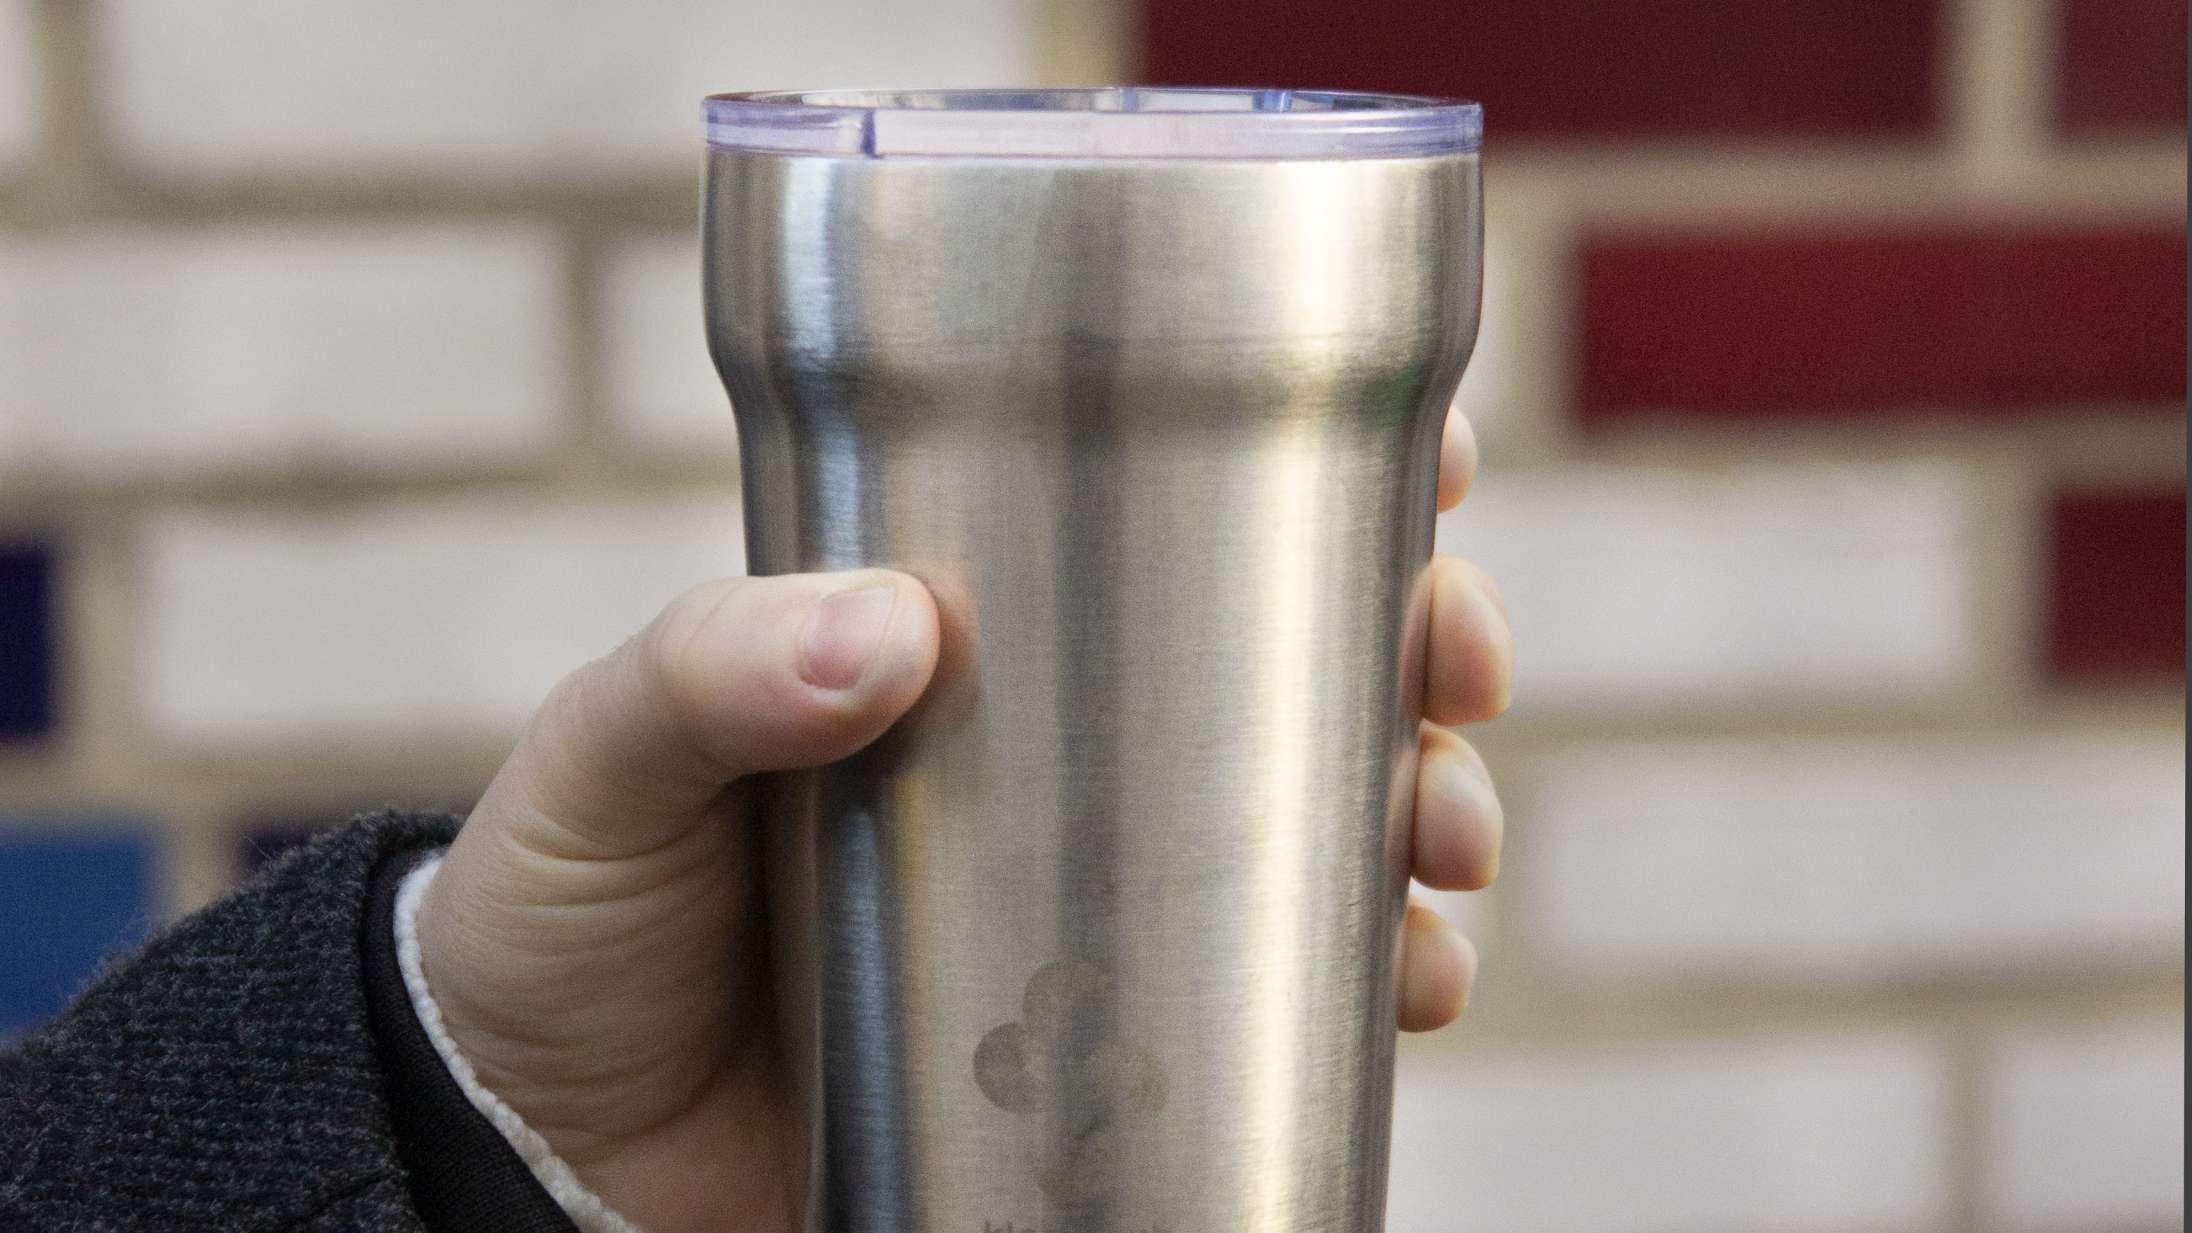 Nu kan du drikke din to-go-kaffe med renere klimasamvittighed